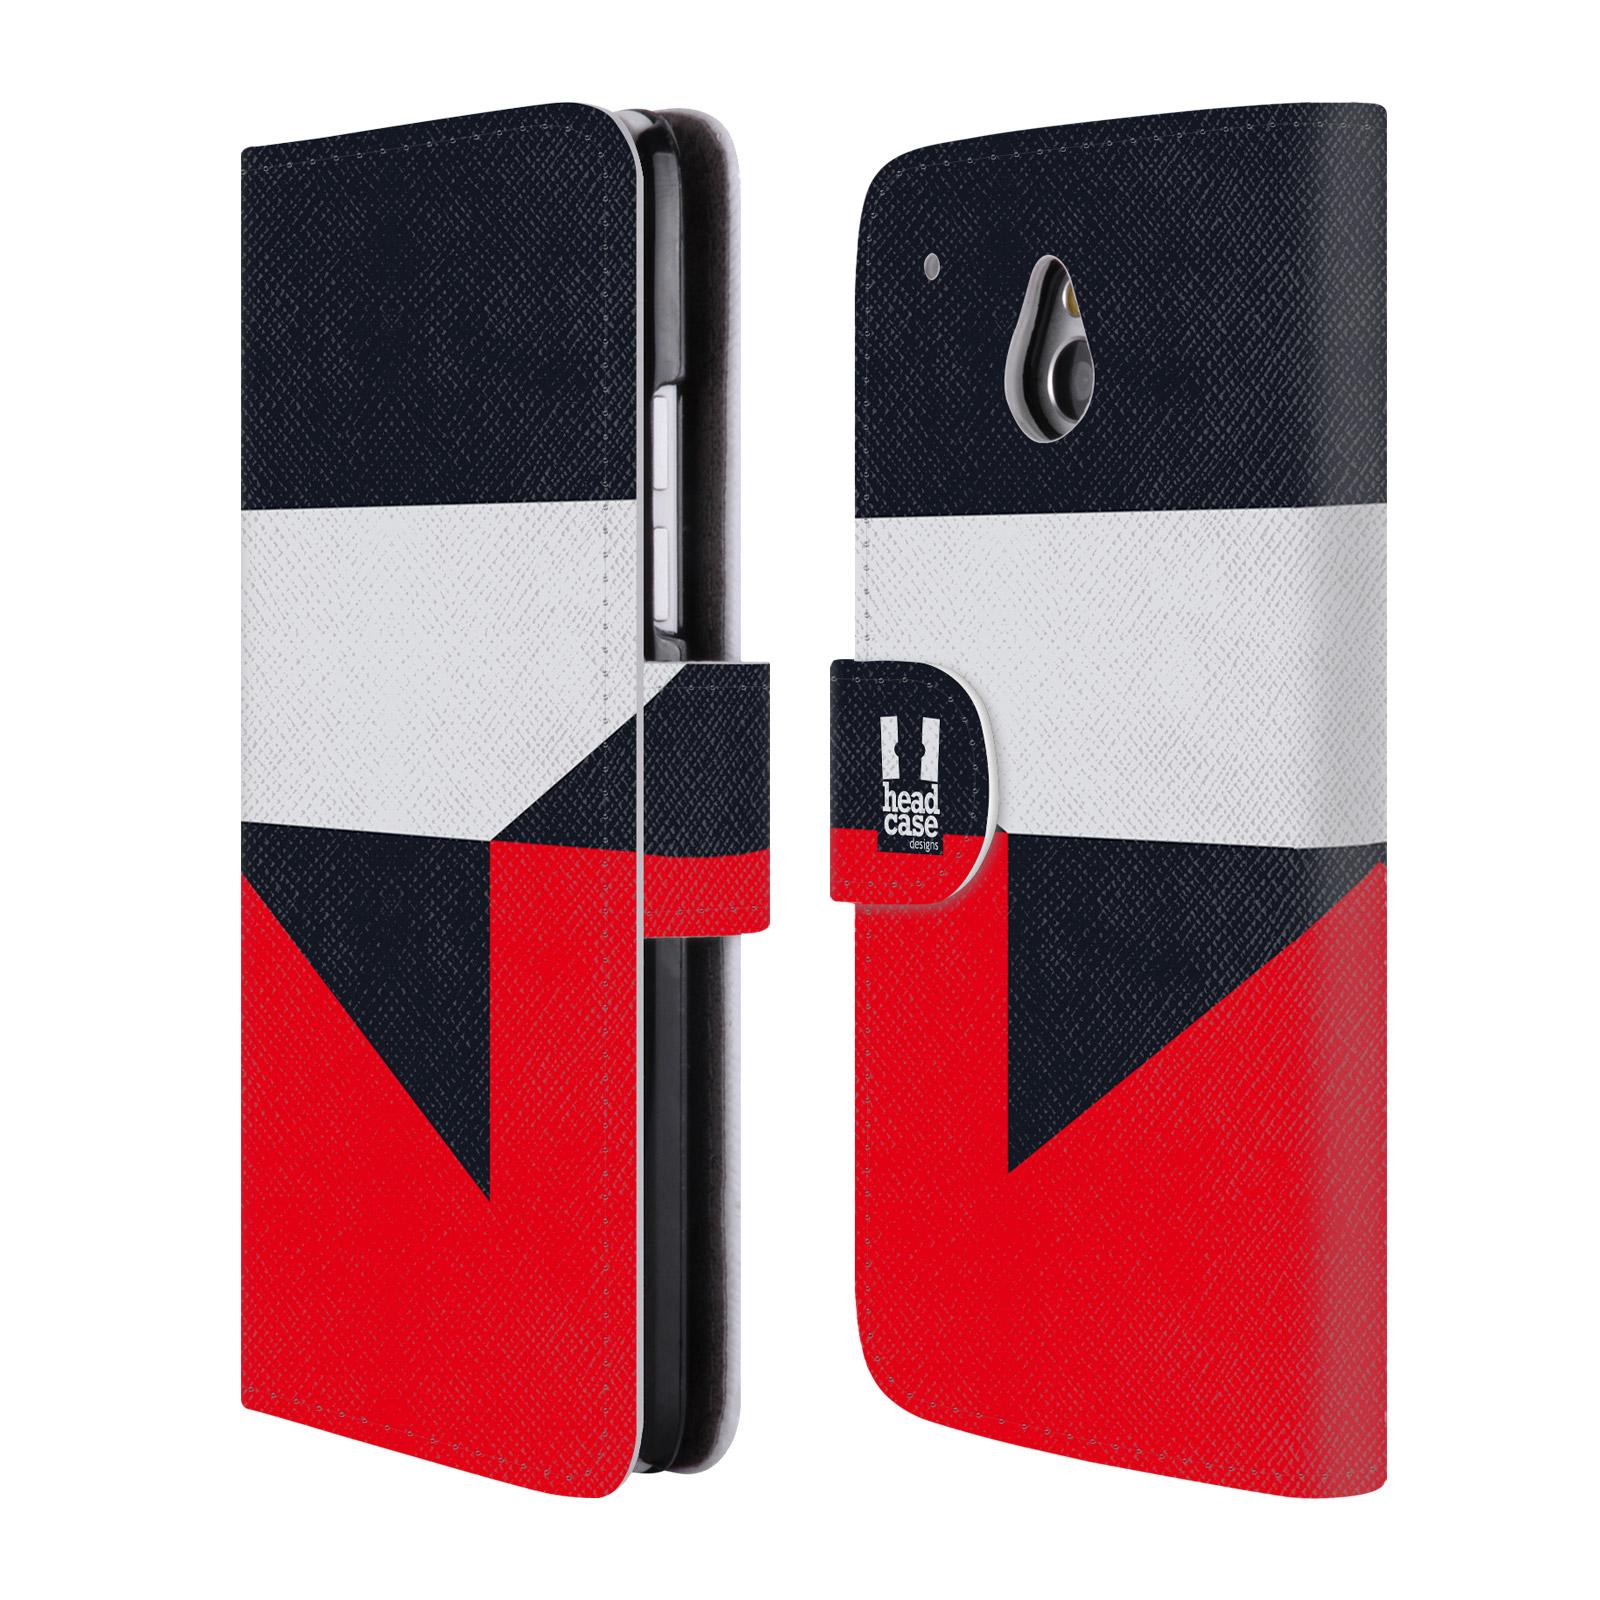 HEAD CASE Flipové pouzdro pro mobil HTC ONE MINI barevné tvary černá a červená gejša